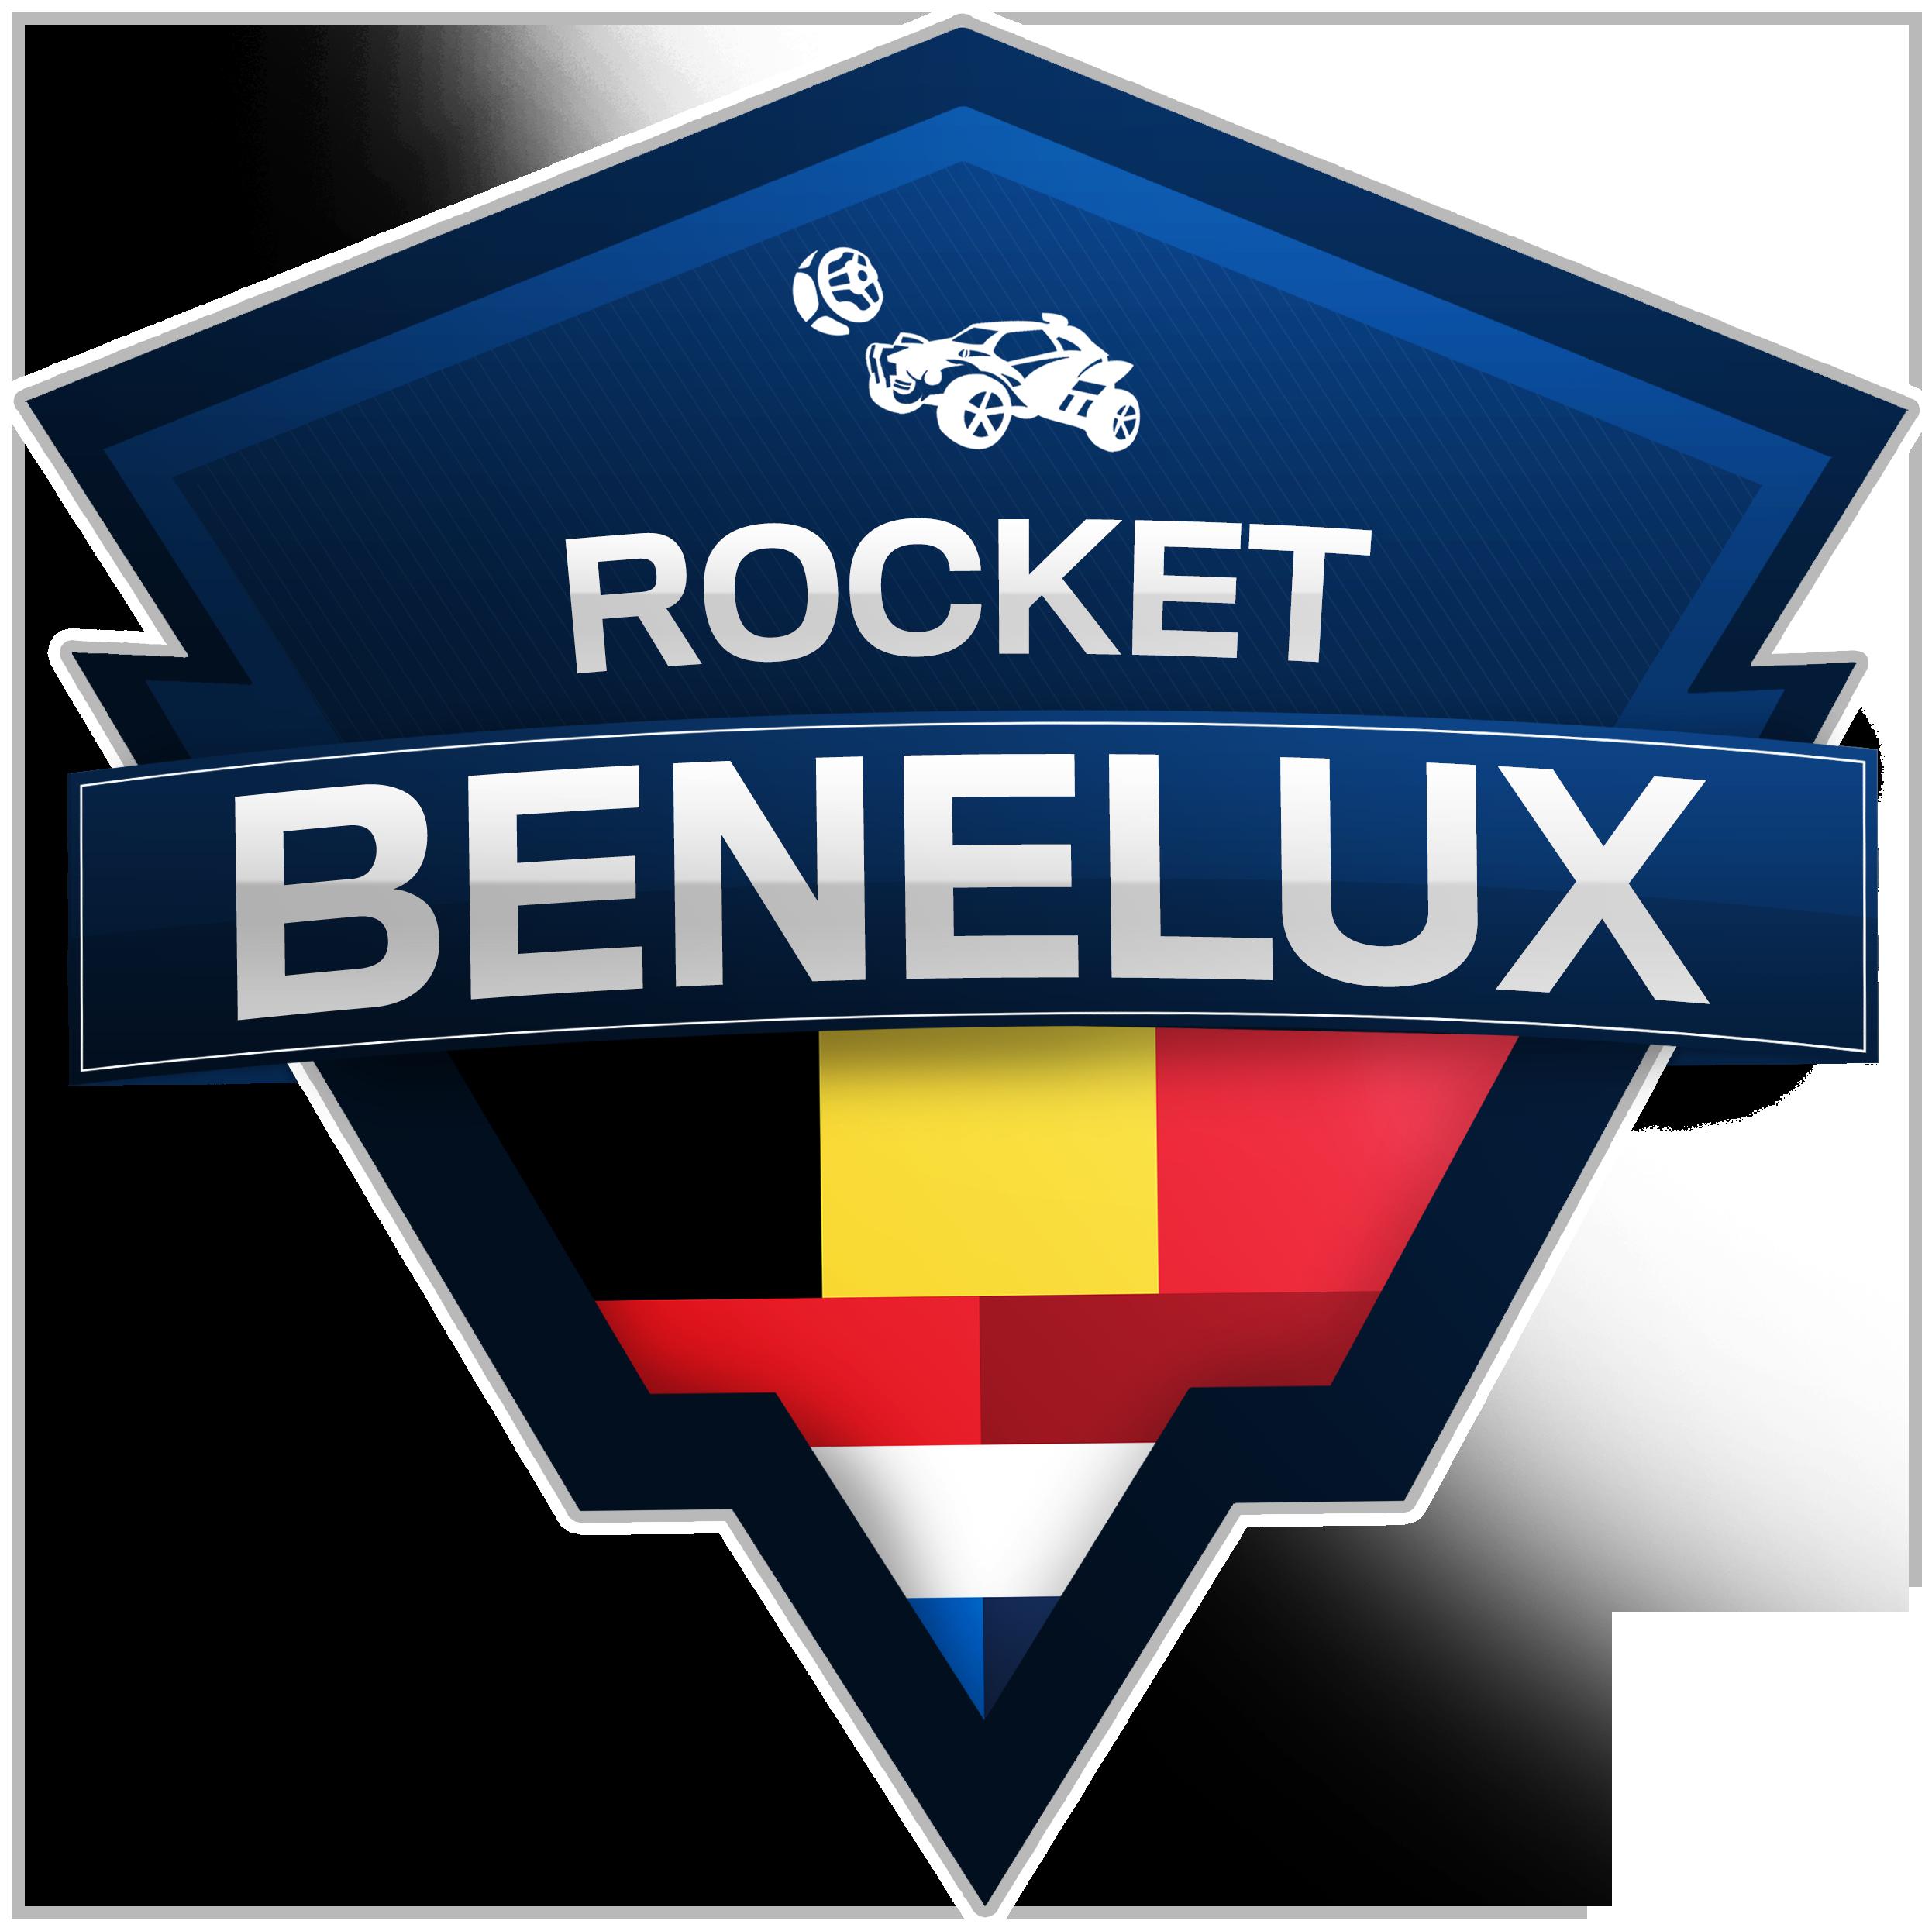 Rocket Benelux Logo